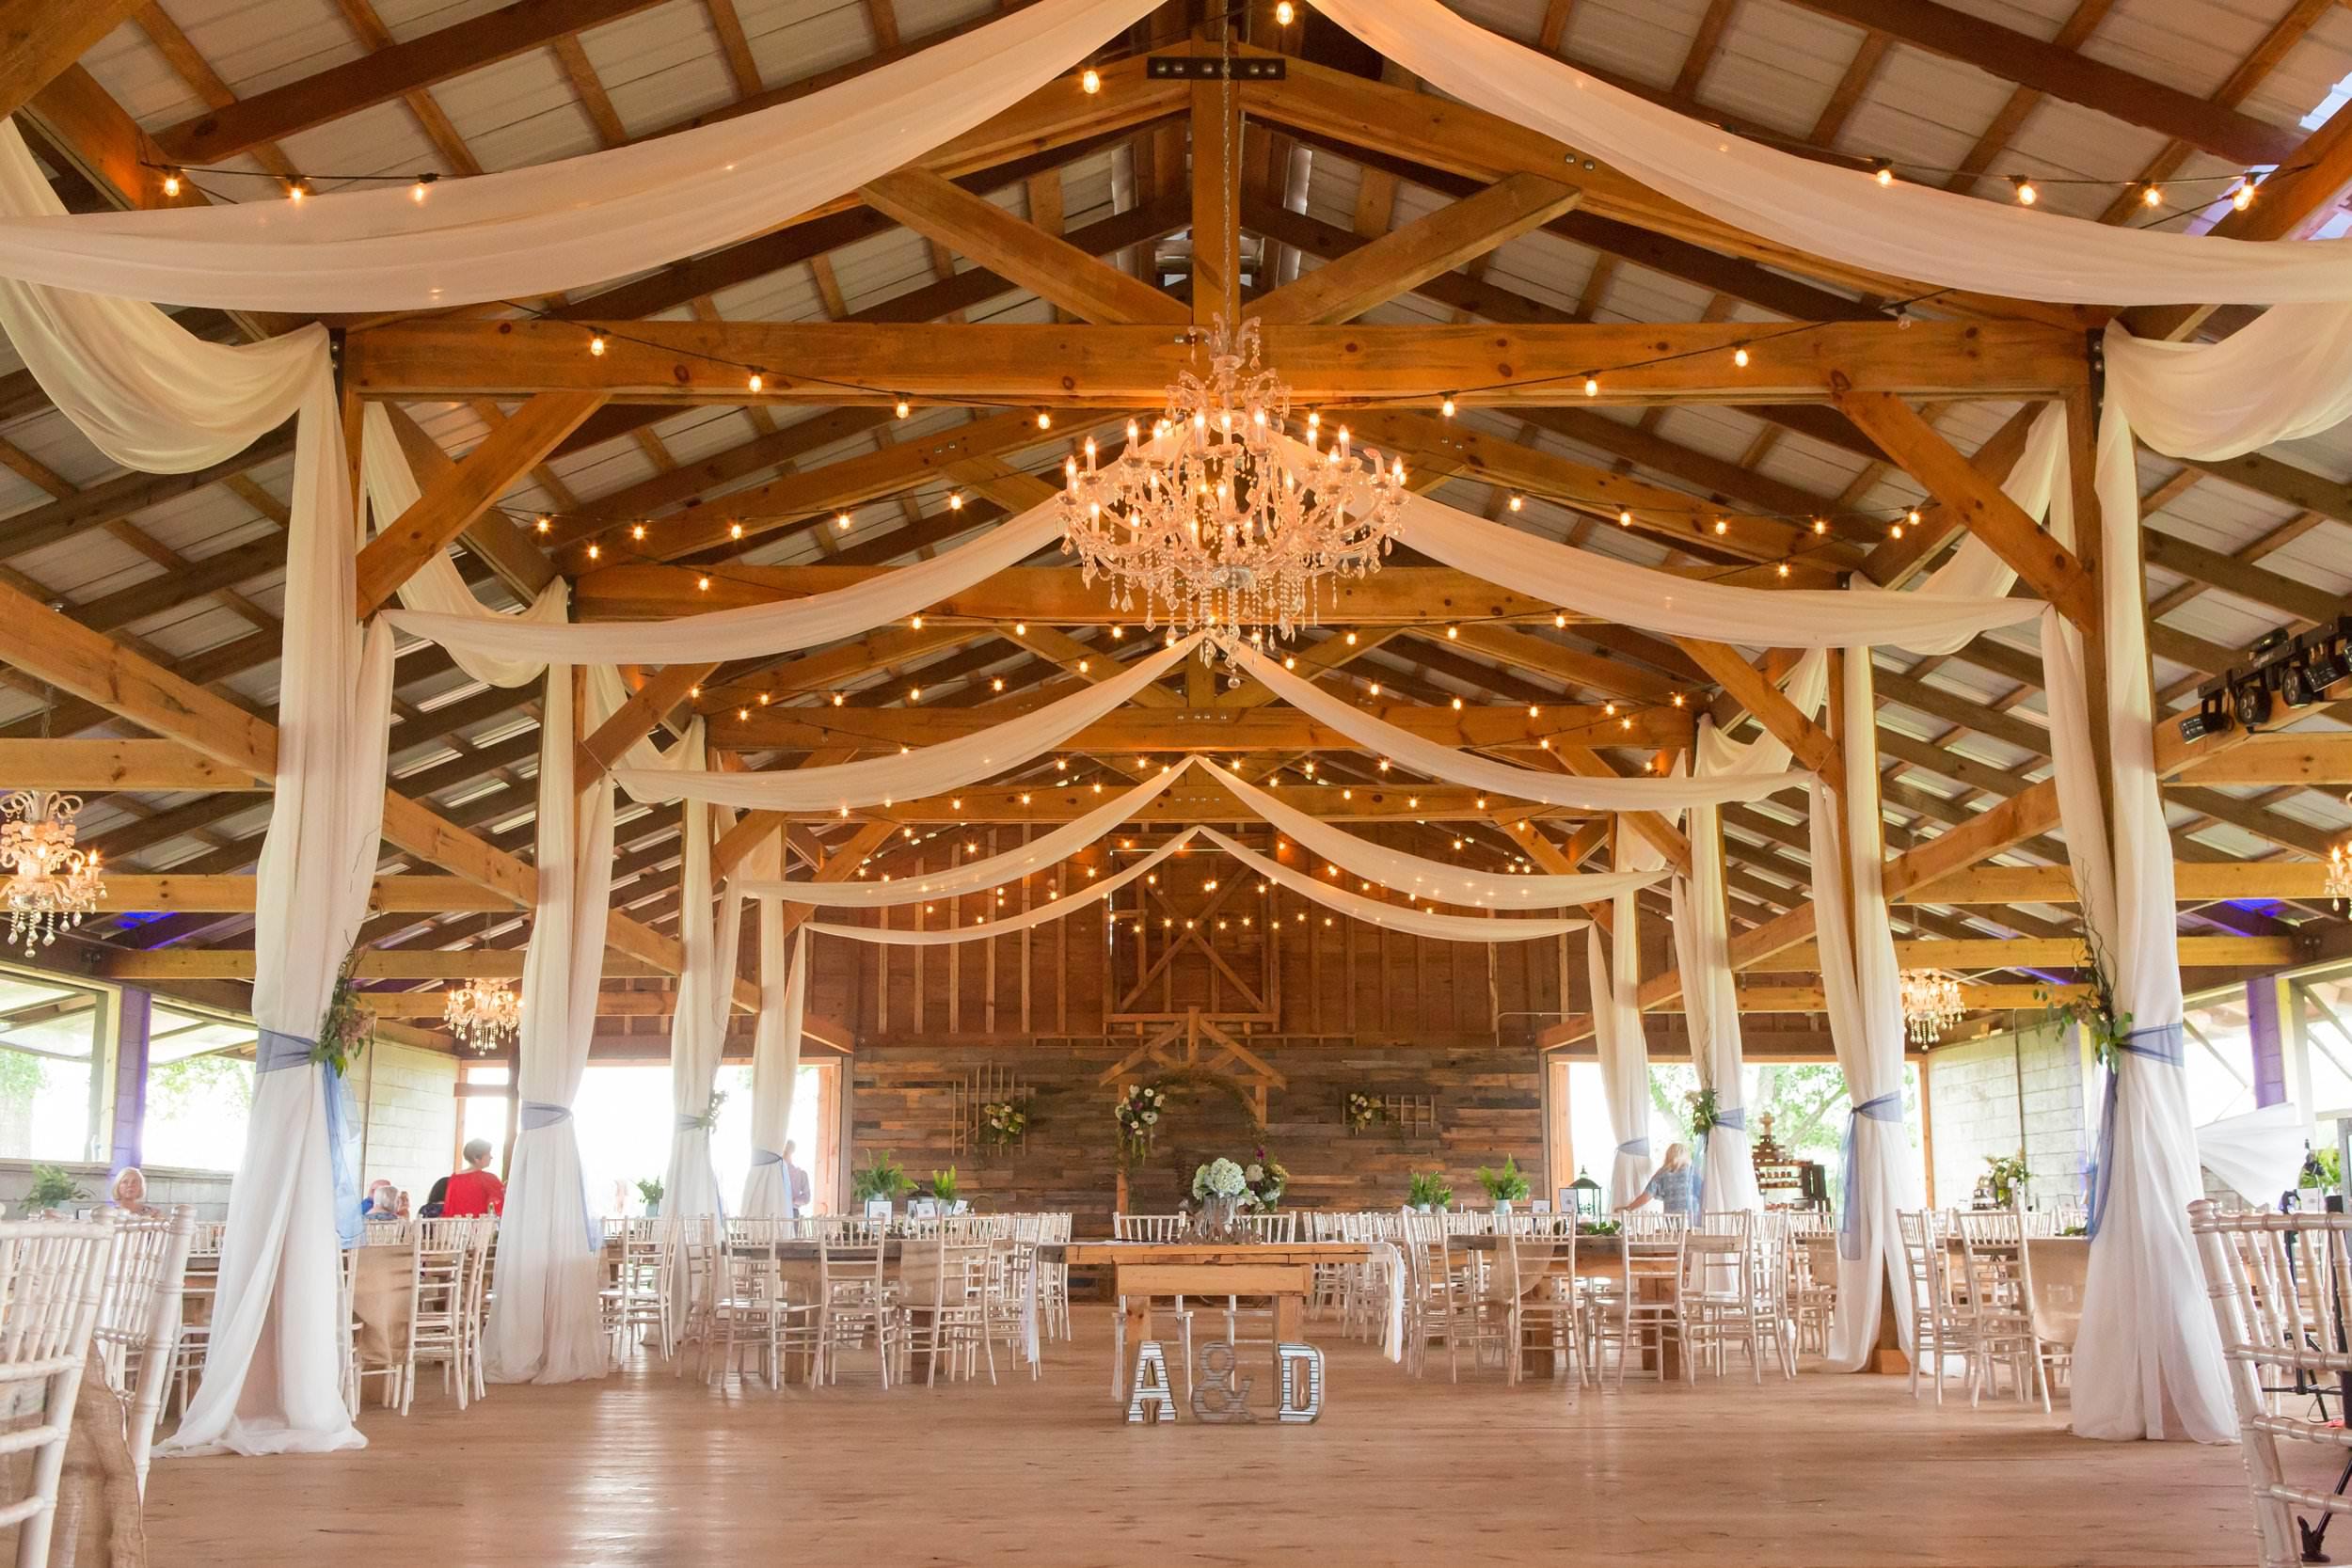 Abby-Manor-Events-Wedding-Photos48.jpg